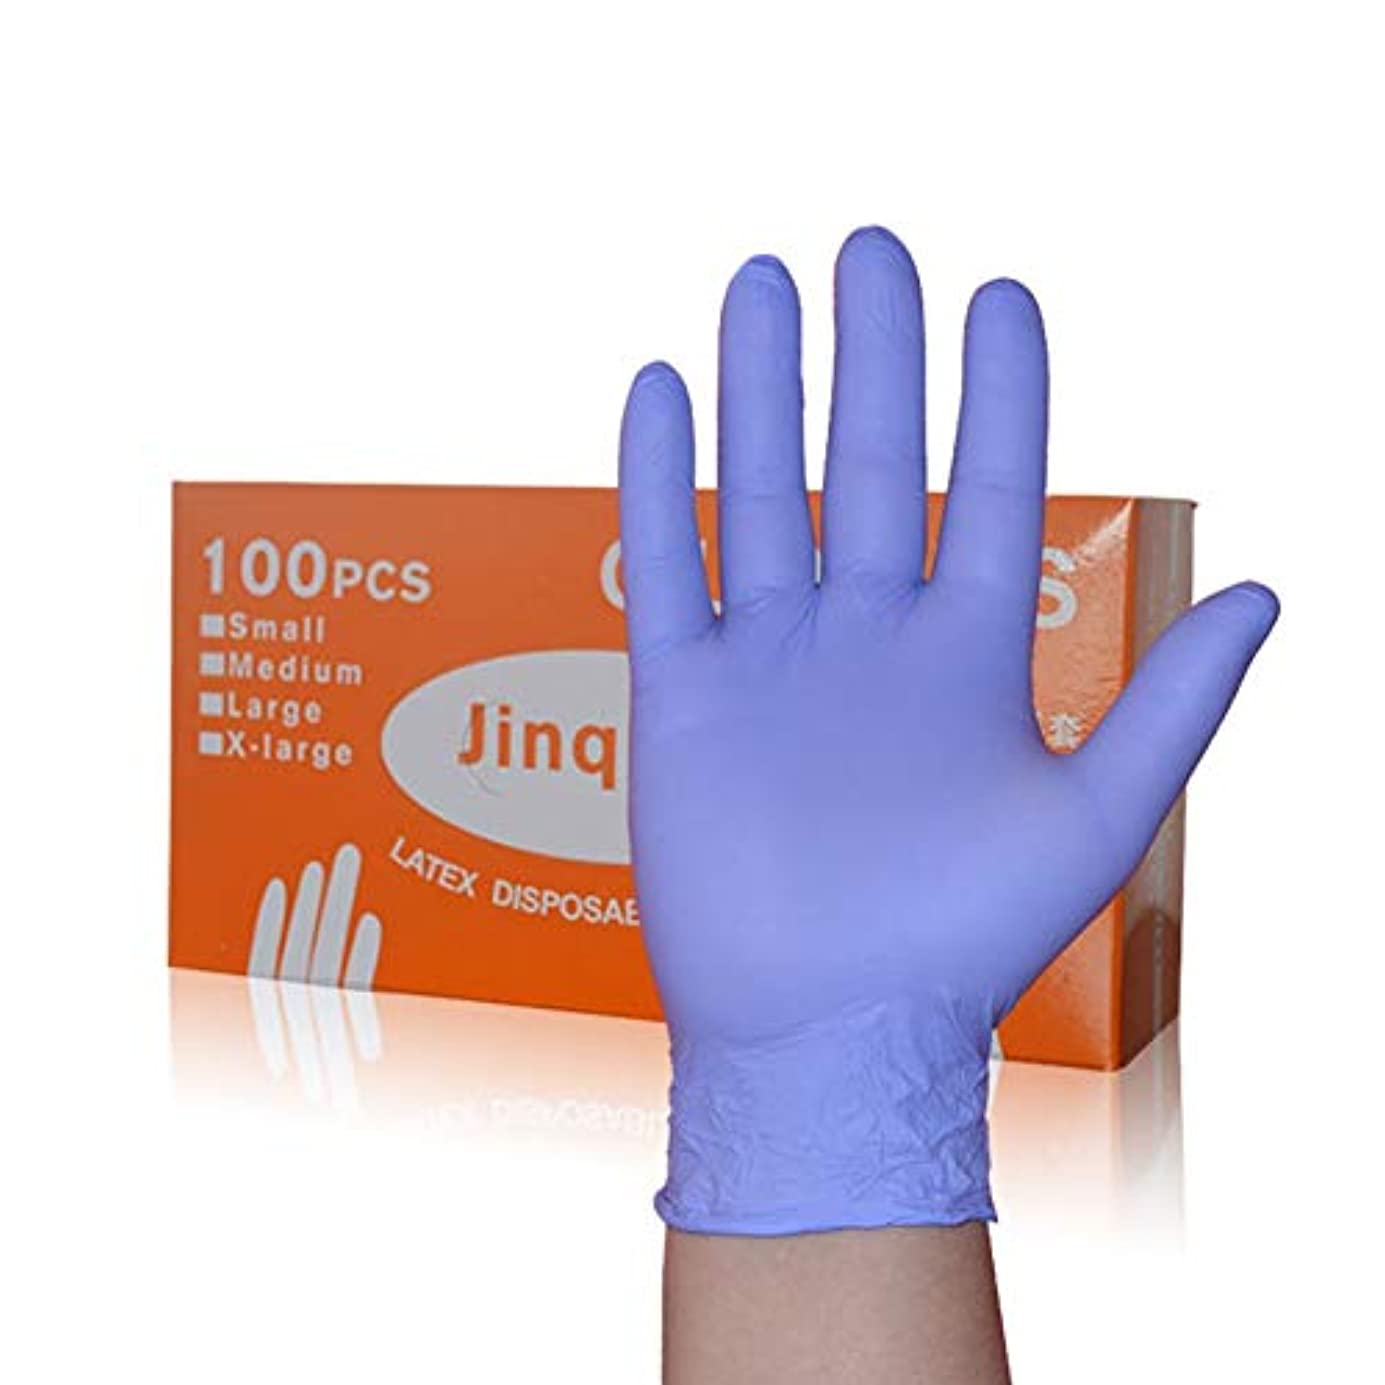 閲覧するできる合成箱入りA級Dingqing使い捨て手袋食品キッチンケータリング家事歯科手袋 YANW (色 : 紫の, サイズ さいず : L l)